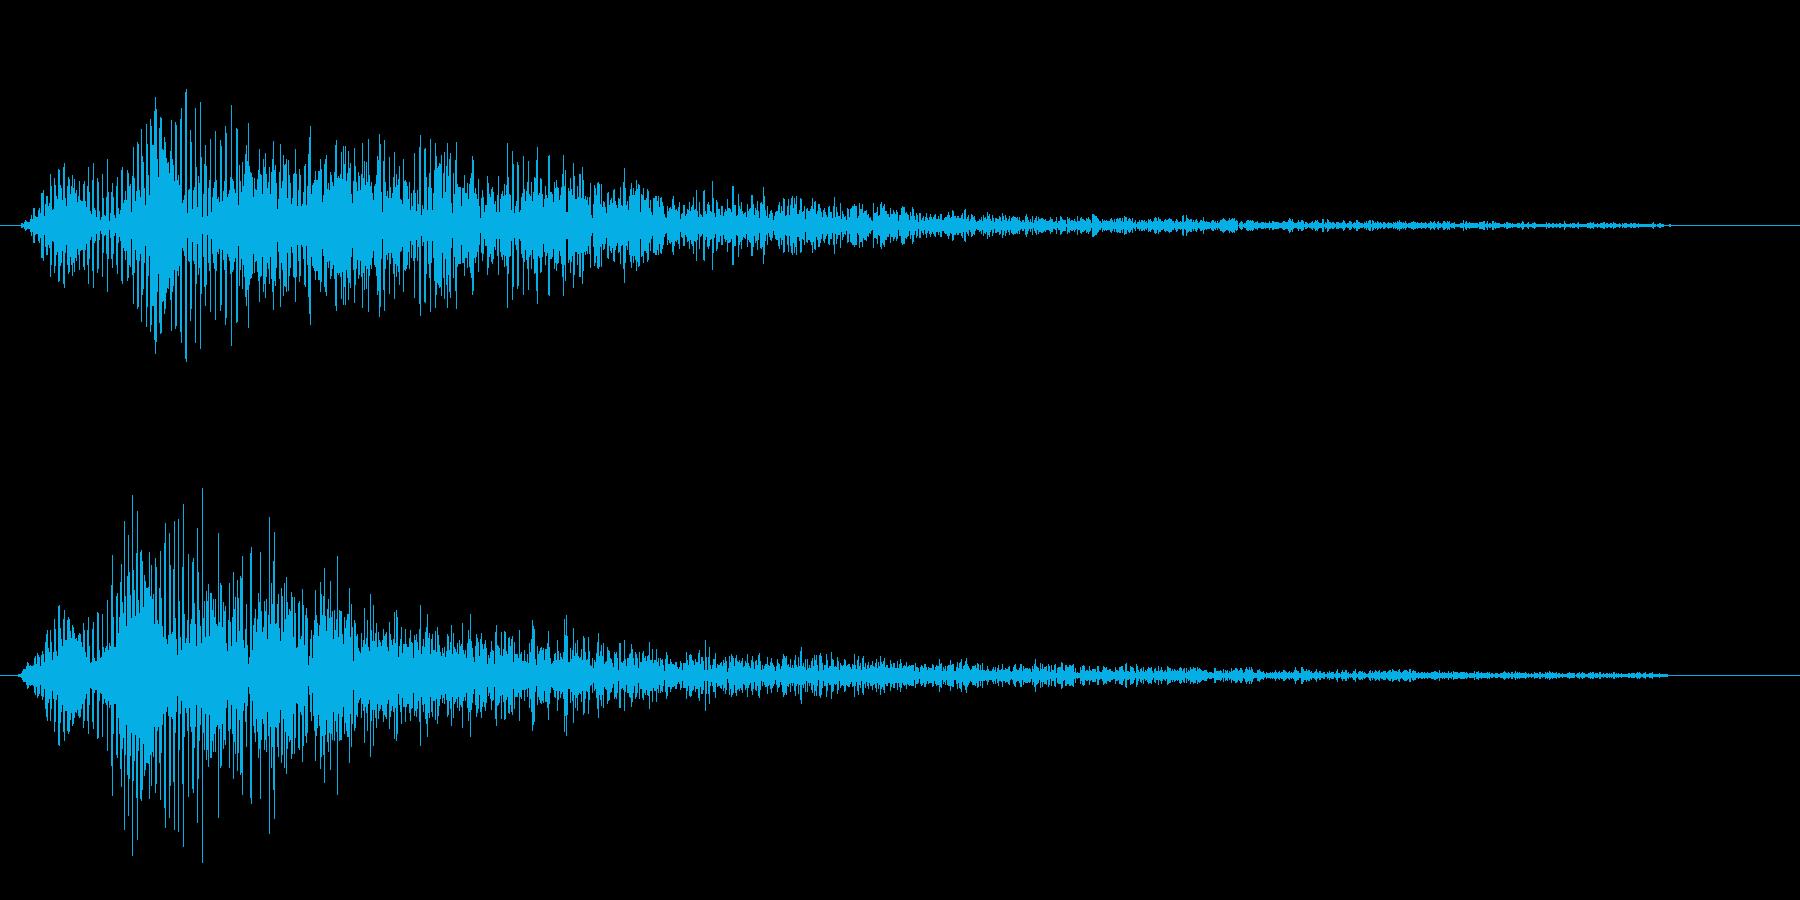 デュルルーン(ブレーキのかかった様な音)の再生済みの波形